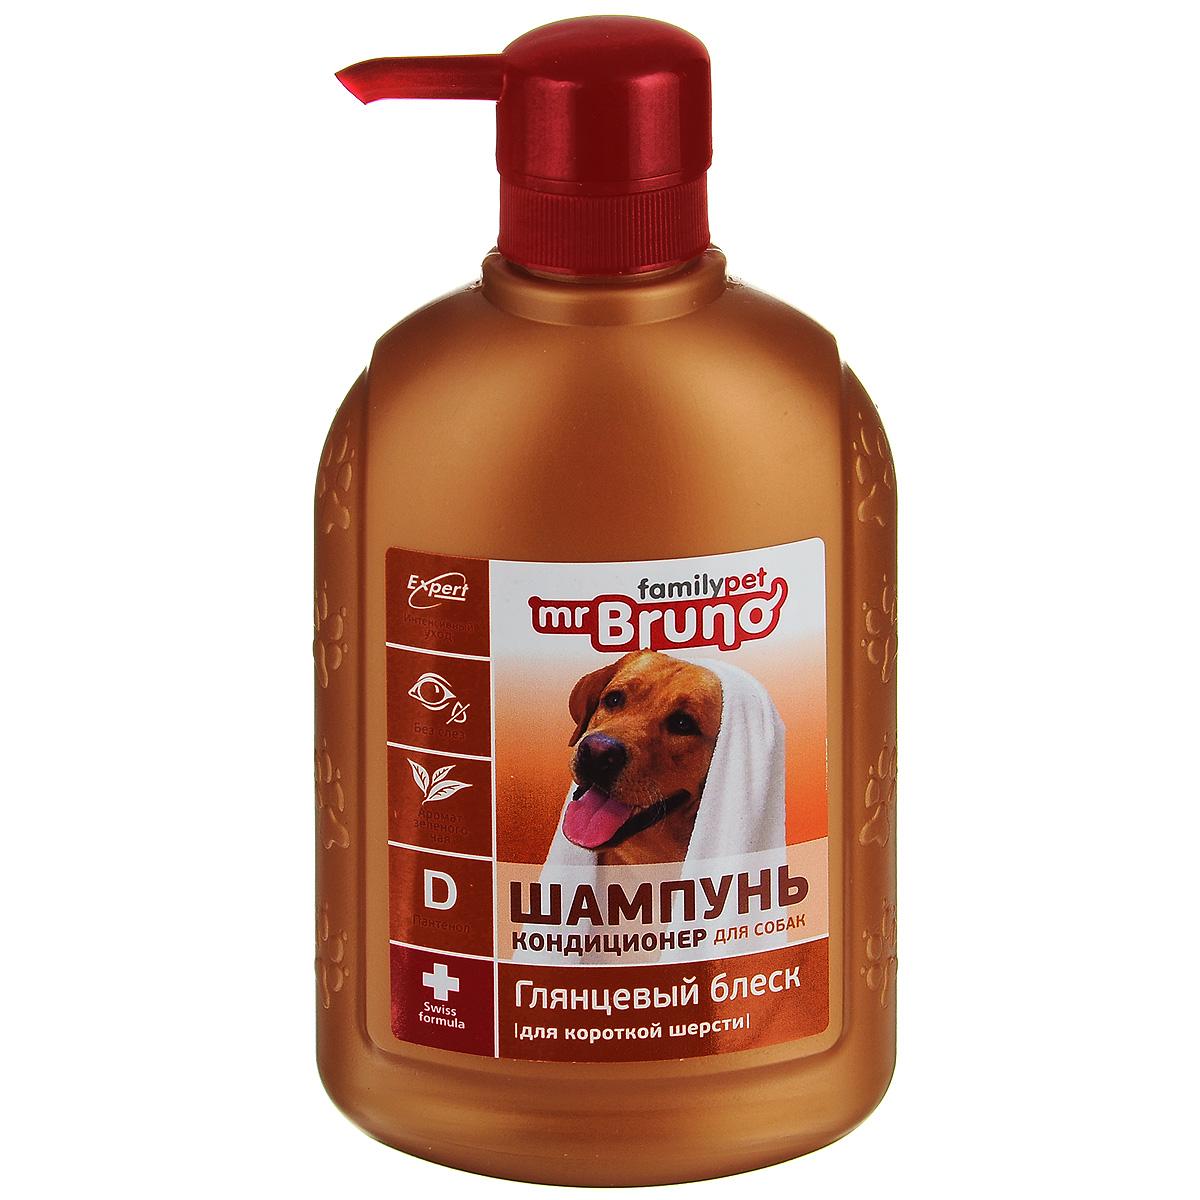 Шампунь-кондиционер для собак Mr. Bruno Глянцевый блеск, для короткой шерсти, 350 мл mr bruno mr bruno ошейник репеллентный для собак 75 см зеленый